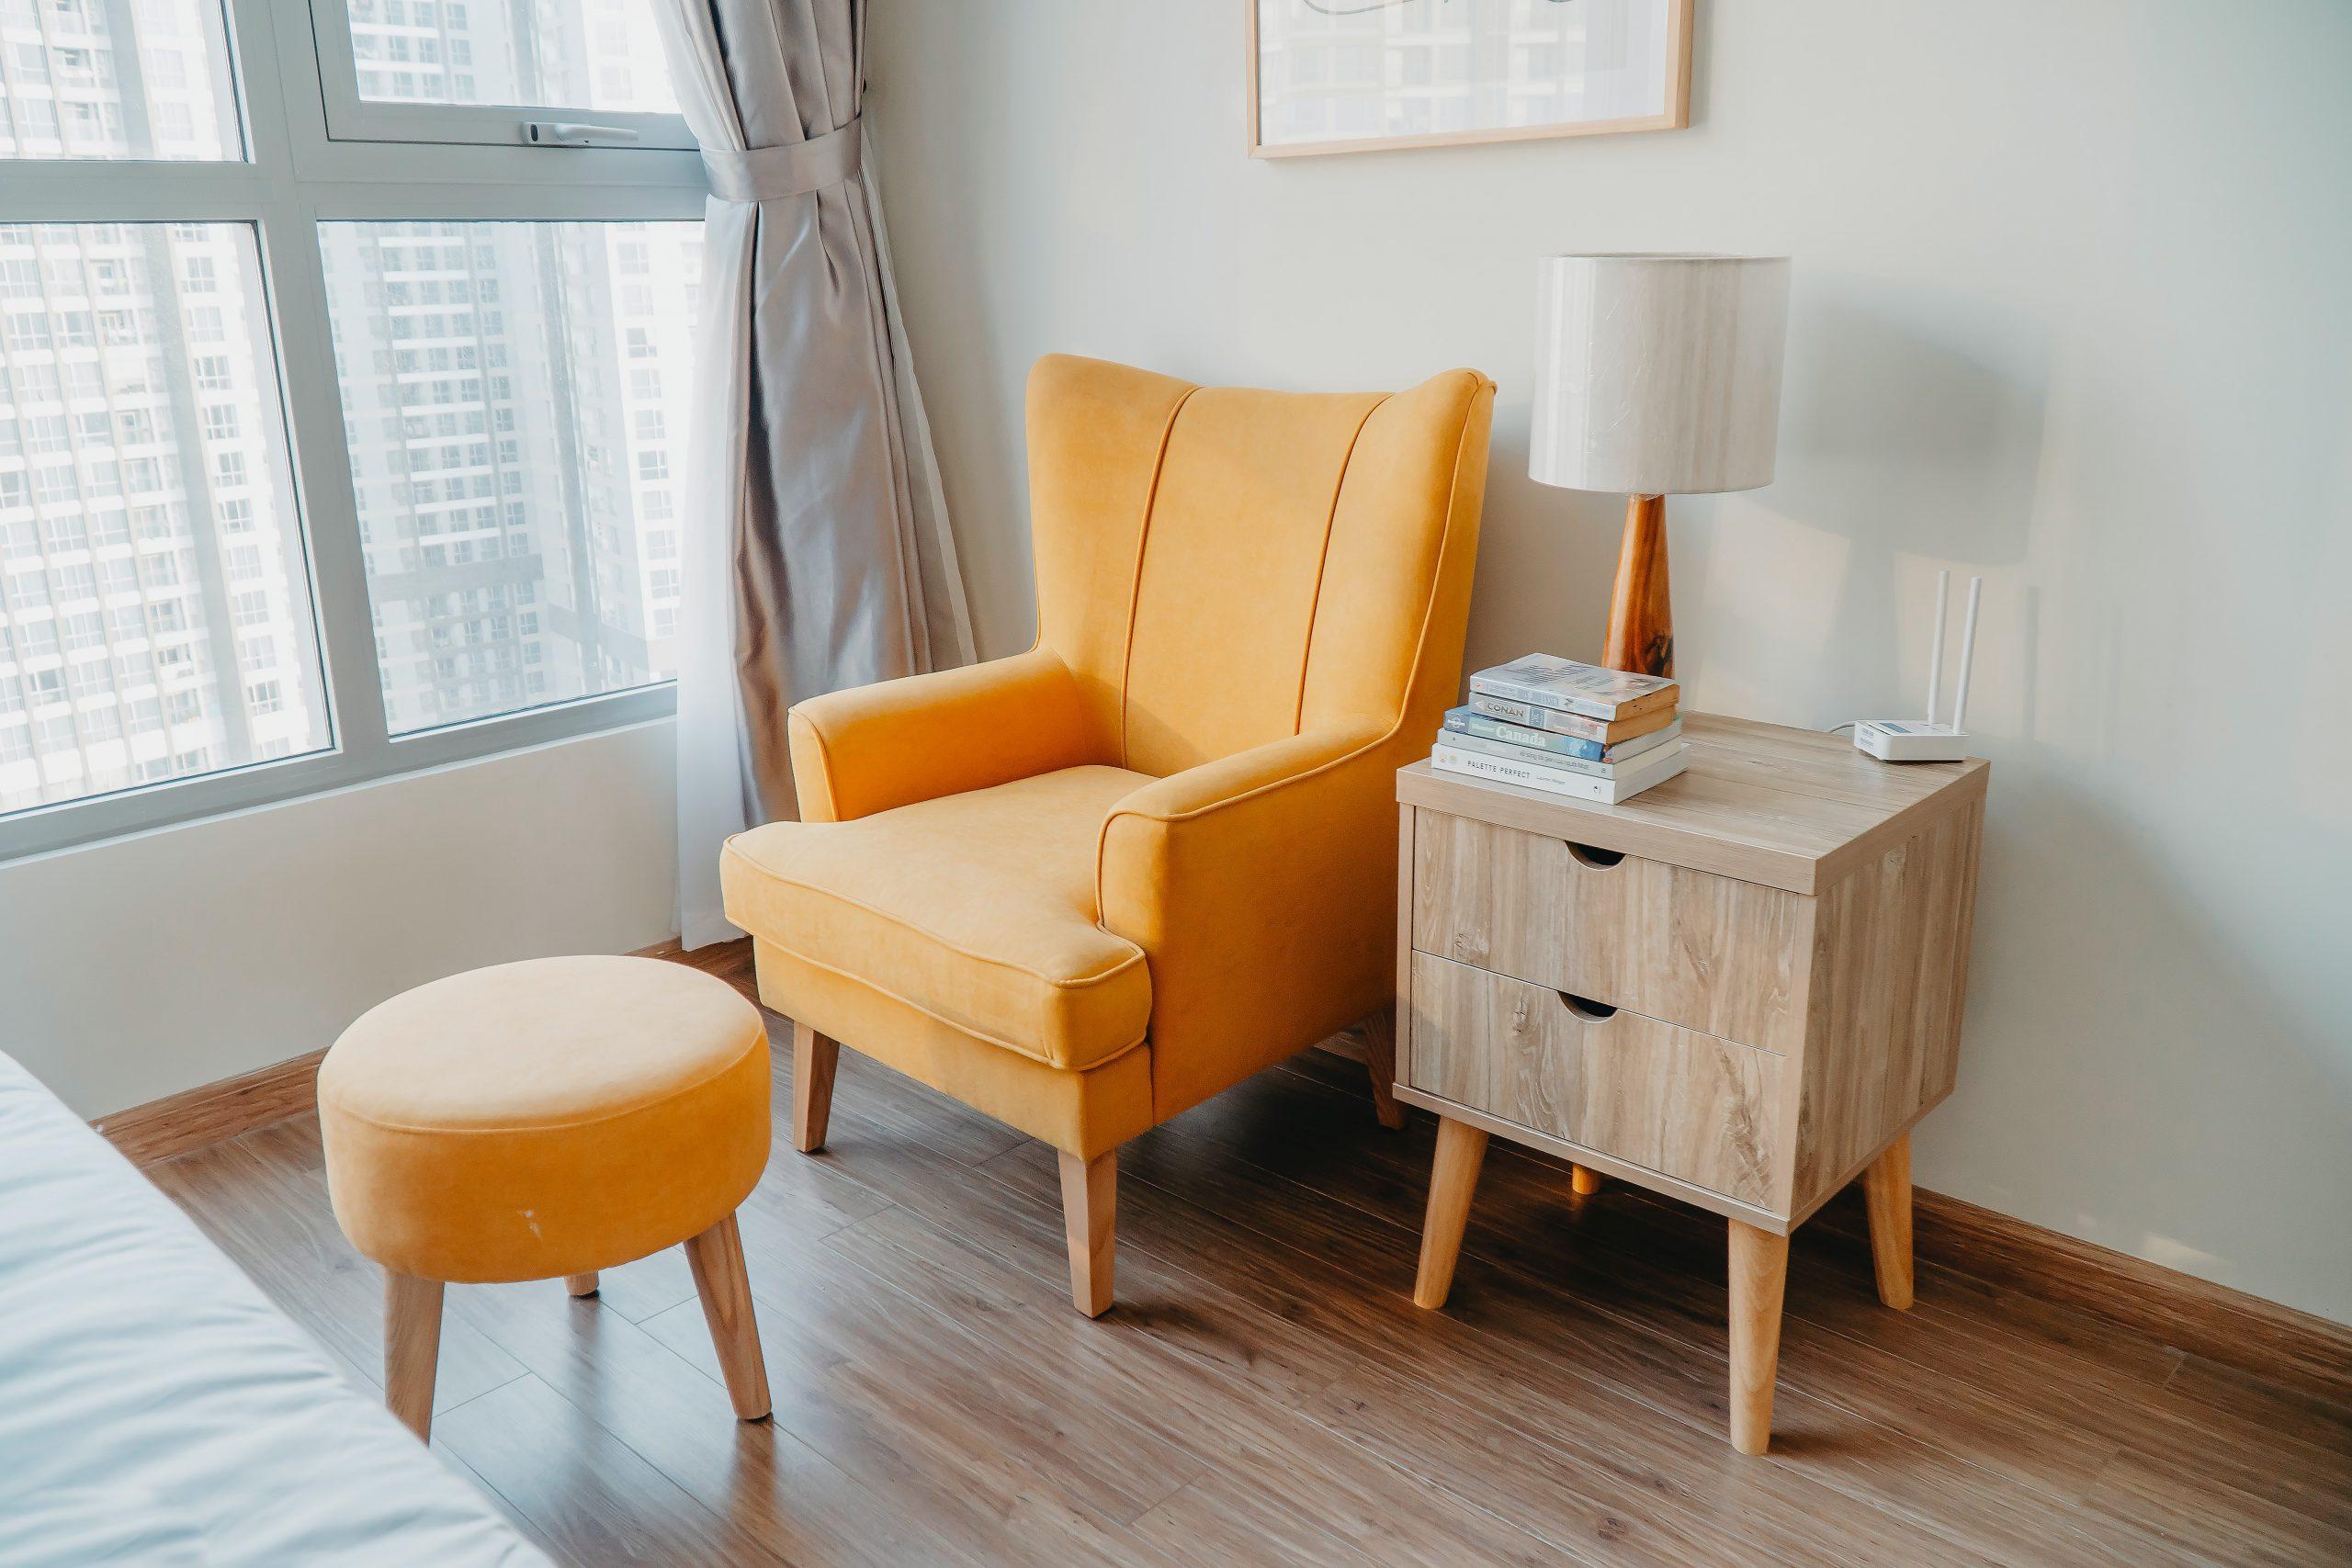 ¿Tienes dudas para escoger el mobiliario? ¡Guíate con estos criterios y logra una decoración de interiores auténtica!